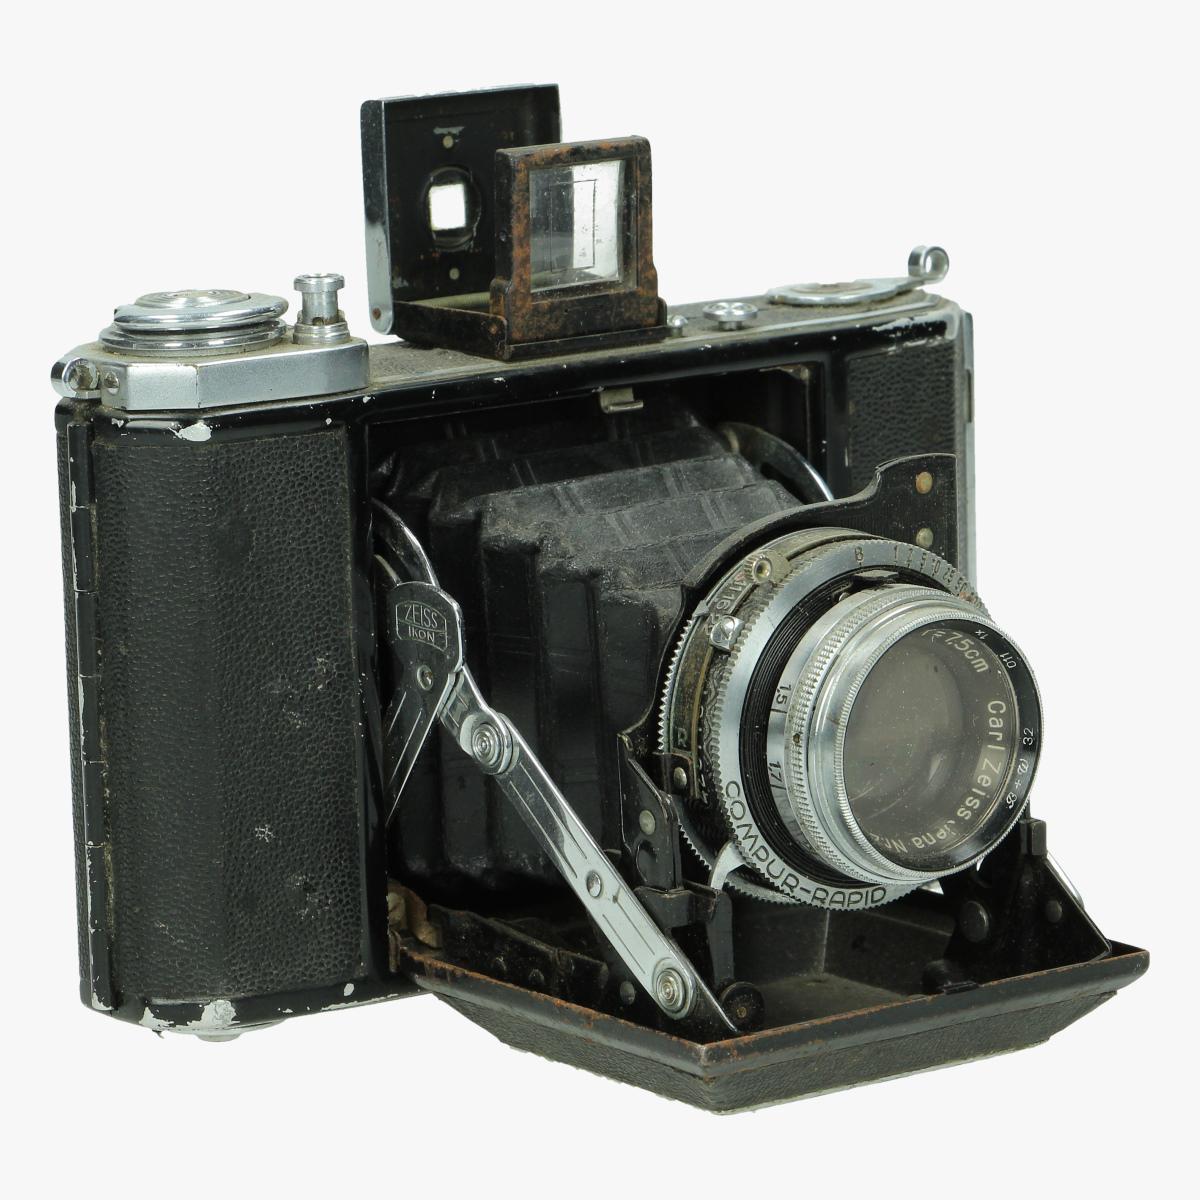 Afbeeldingen van fotocamera zeiss ikon ikonta 521/16